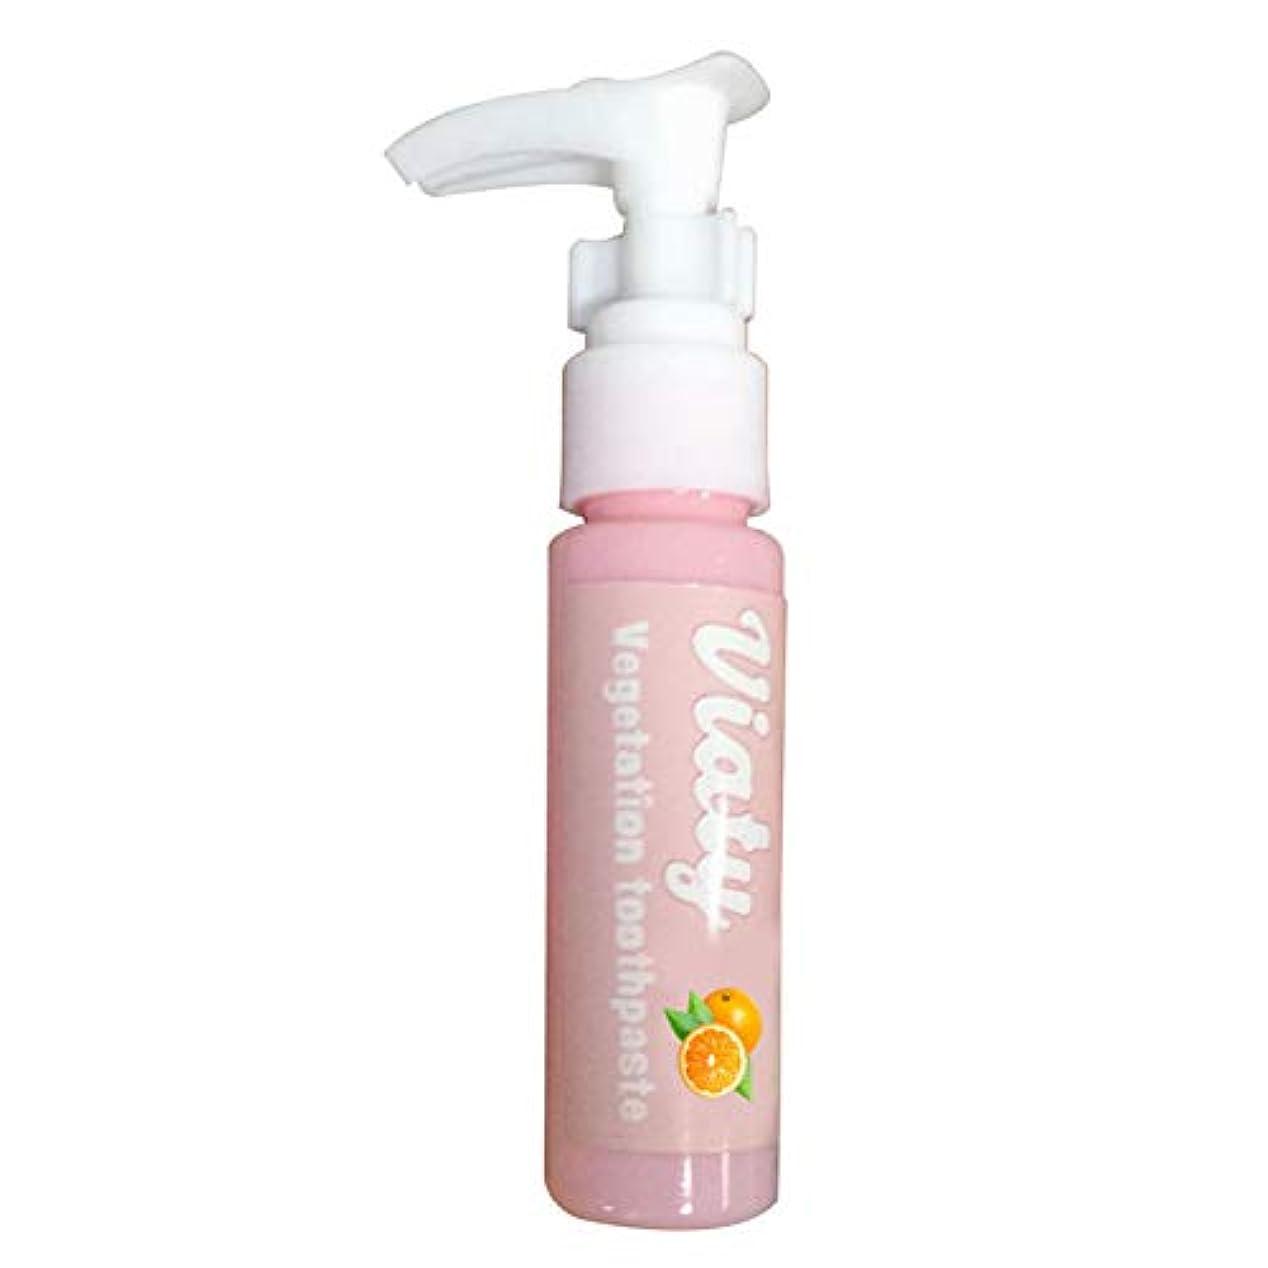 色合い多分晩餐Lambowo 歯磨き粉の抗の出血性のゴムを押す白くなる携帯用汚れの除去剤は新しい歯磨き粉をタイプします